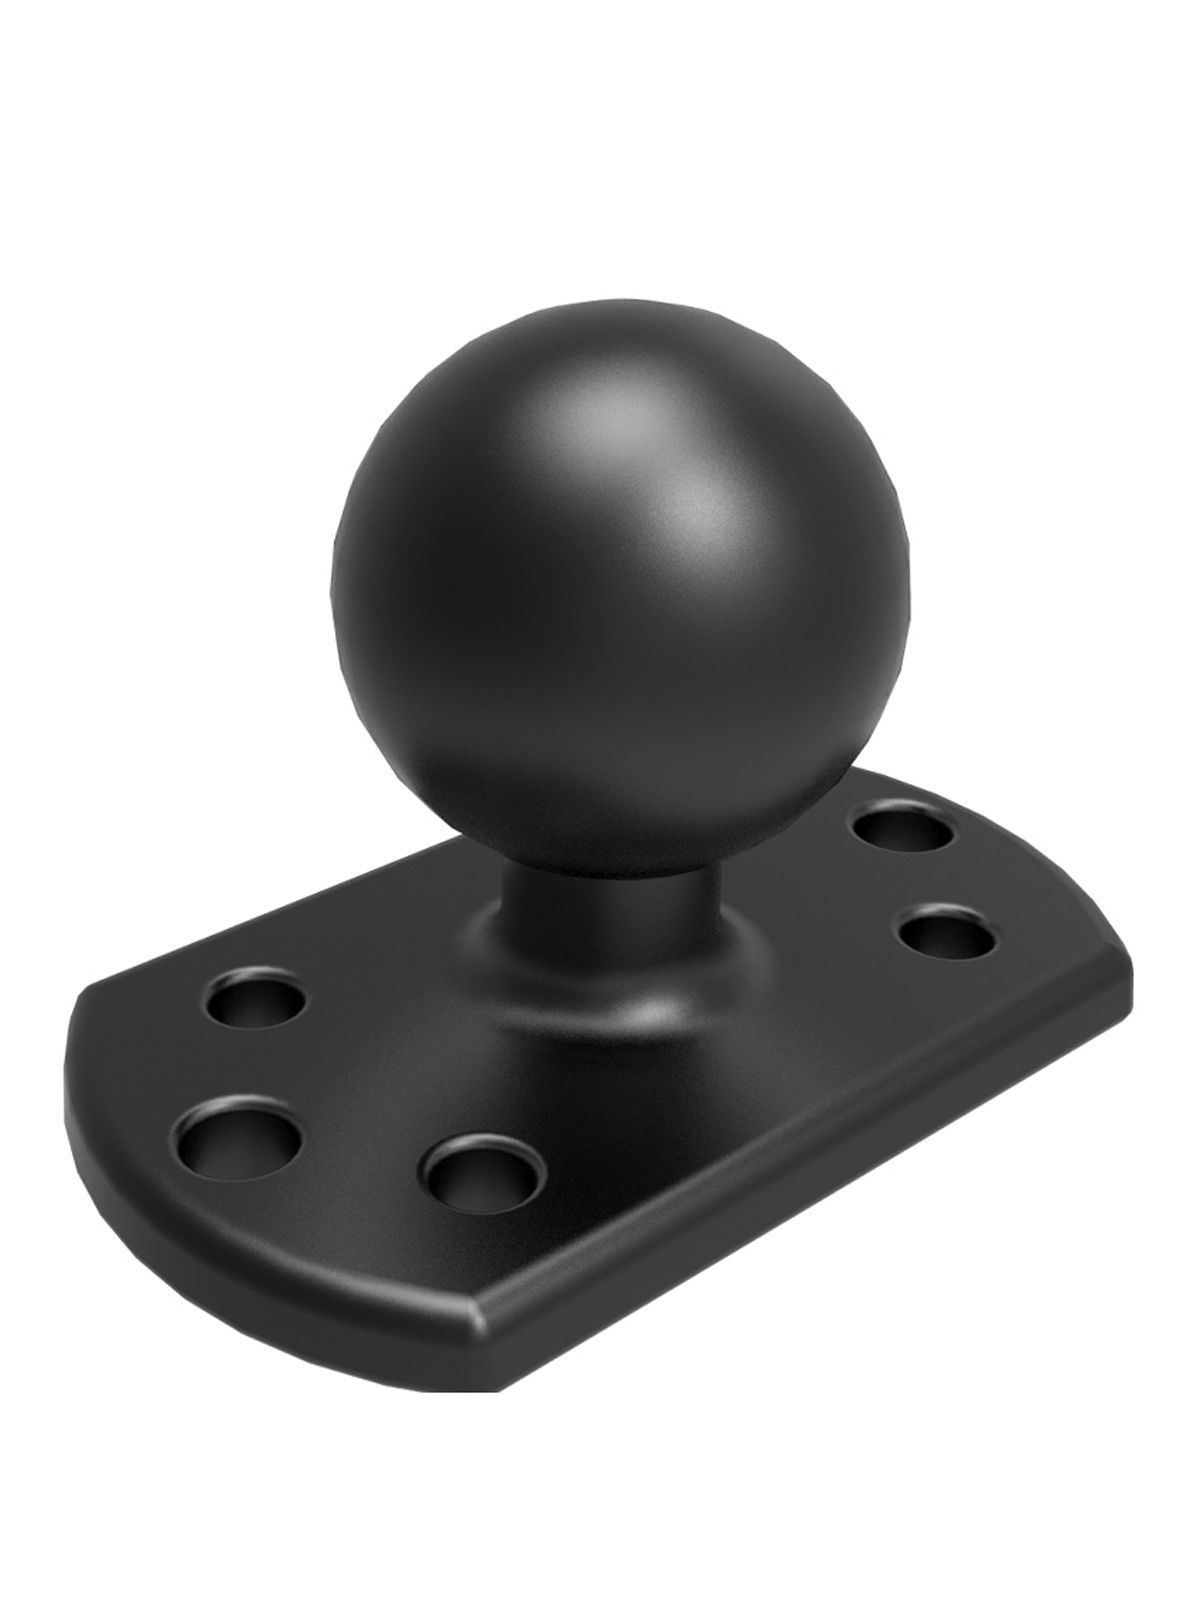 RAM Mounts Basisplatte für Crown Lift Trucks mit C-Kugel (1,5 Zoll) - im Polybeutel